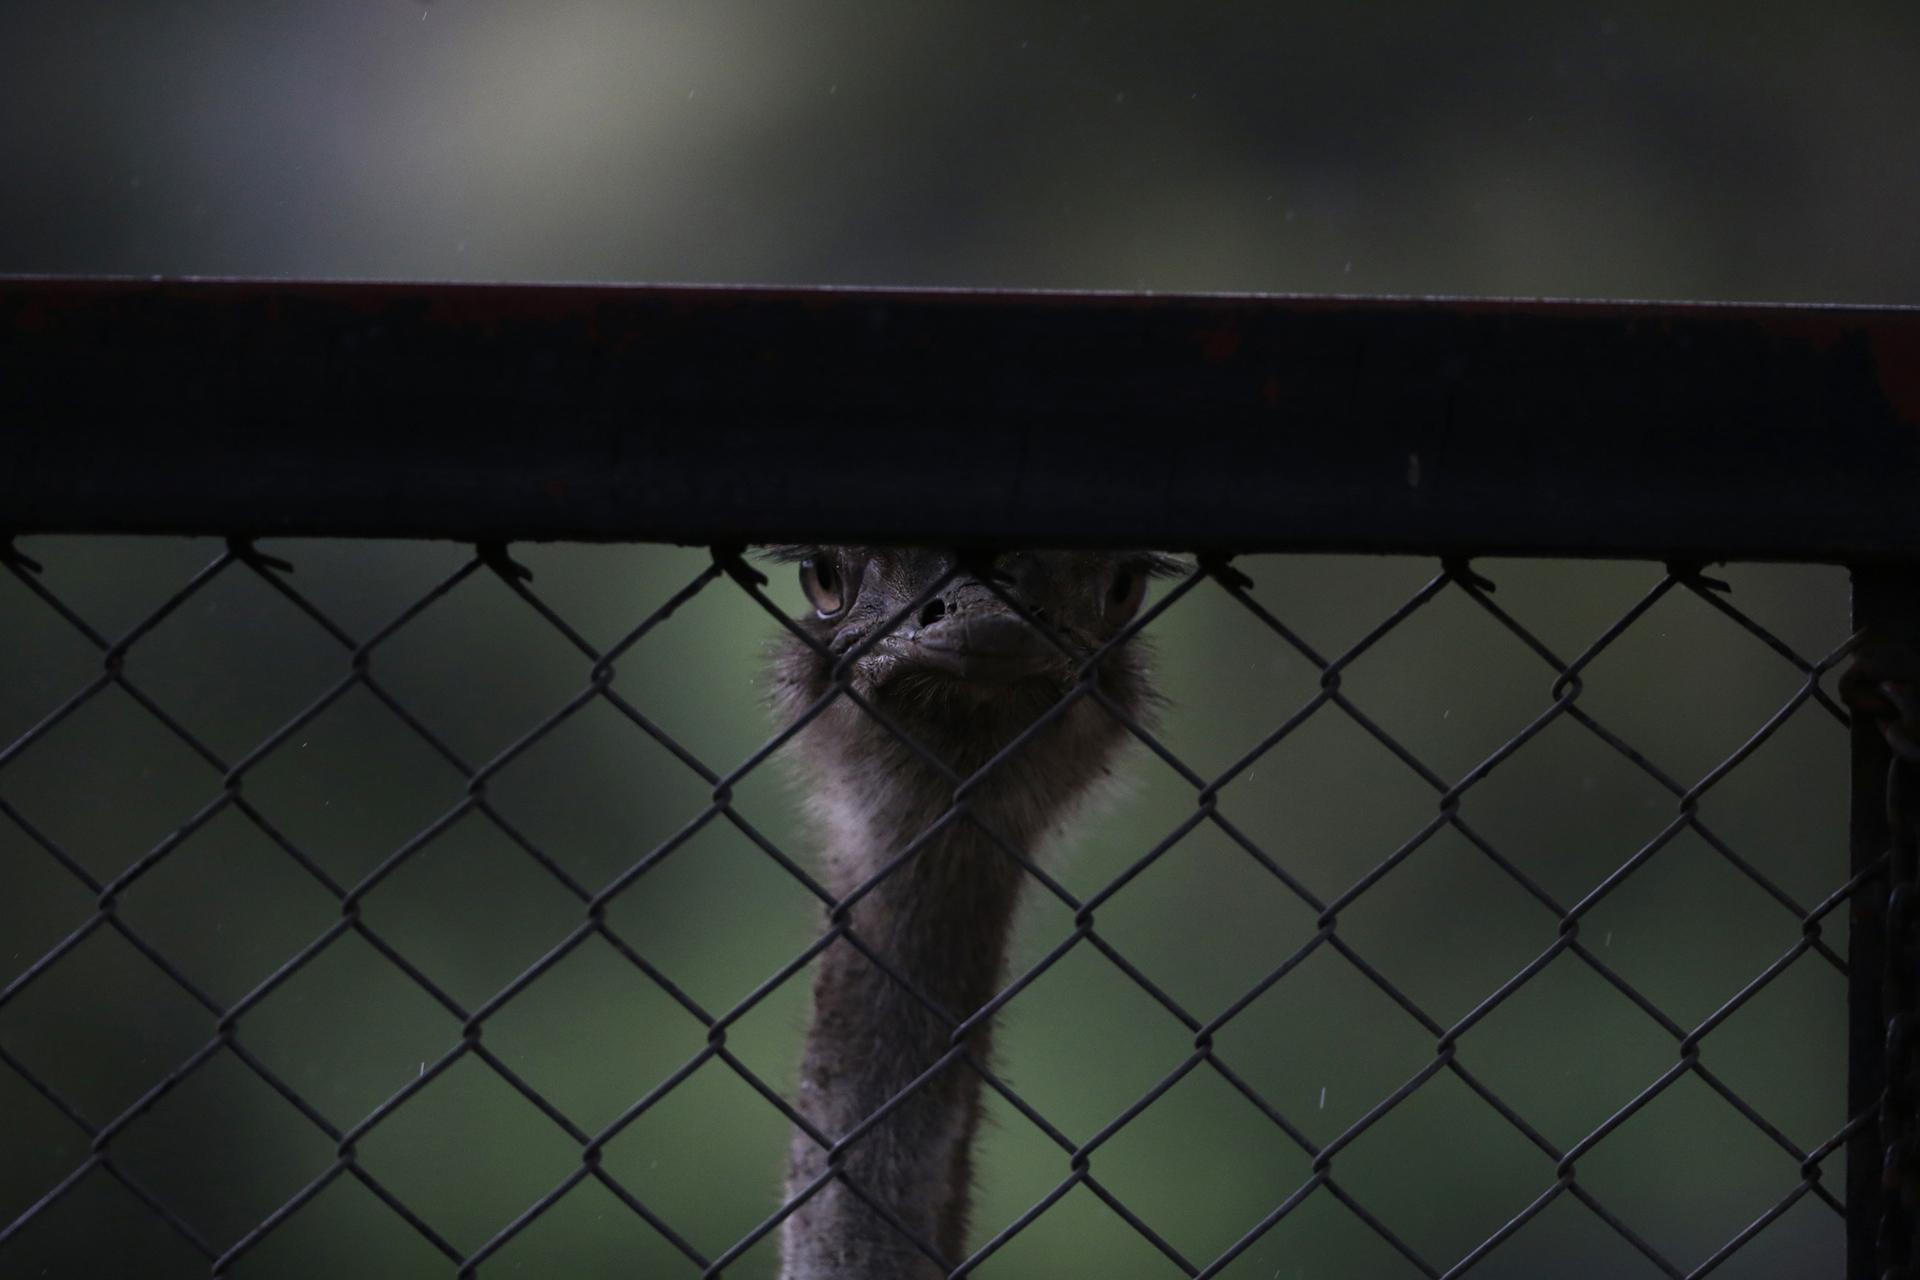 Un avestruz mira a través de la trama abierta de una valla de tela metálica